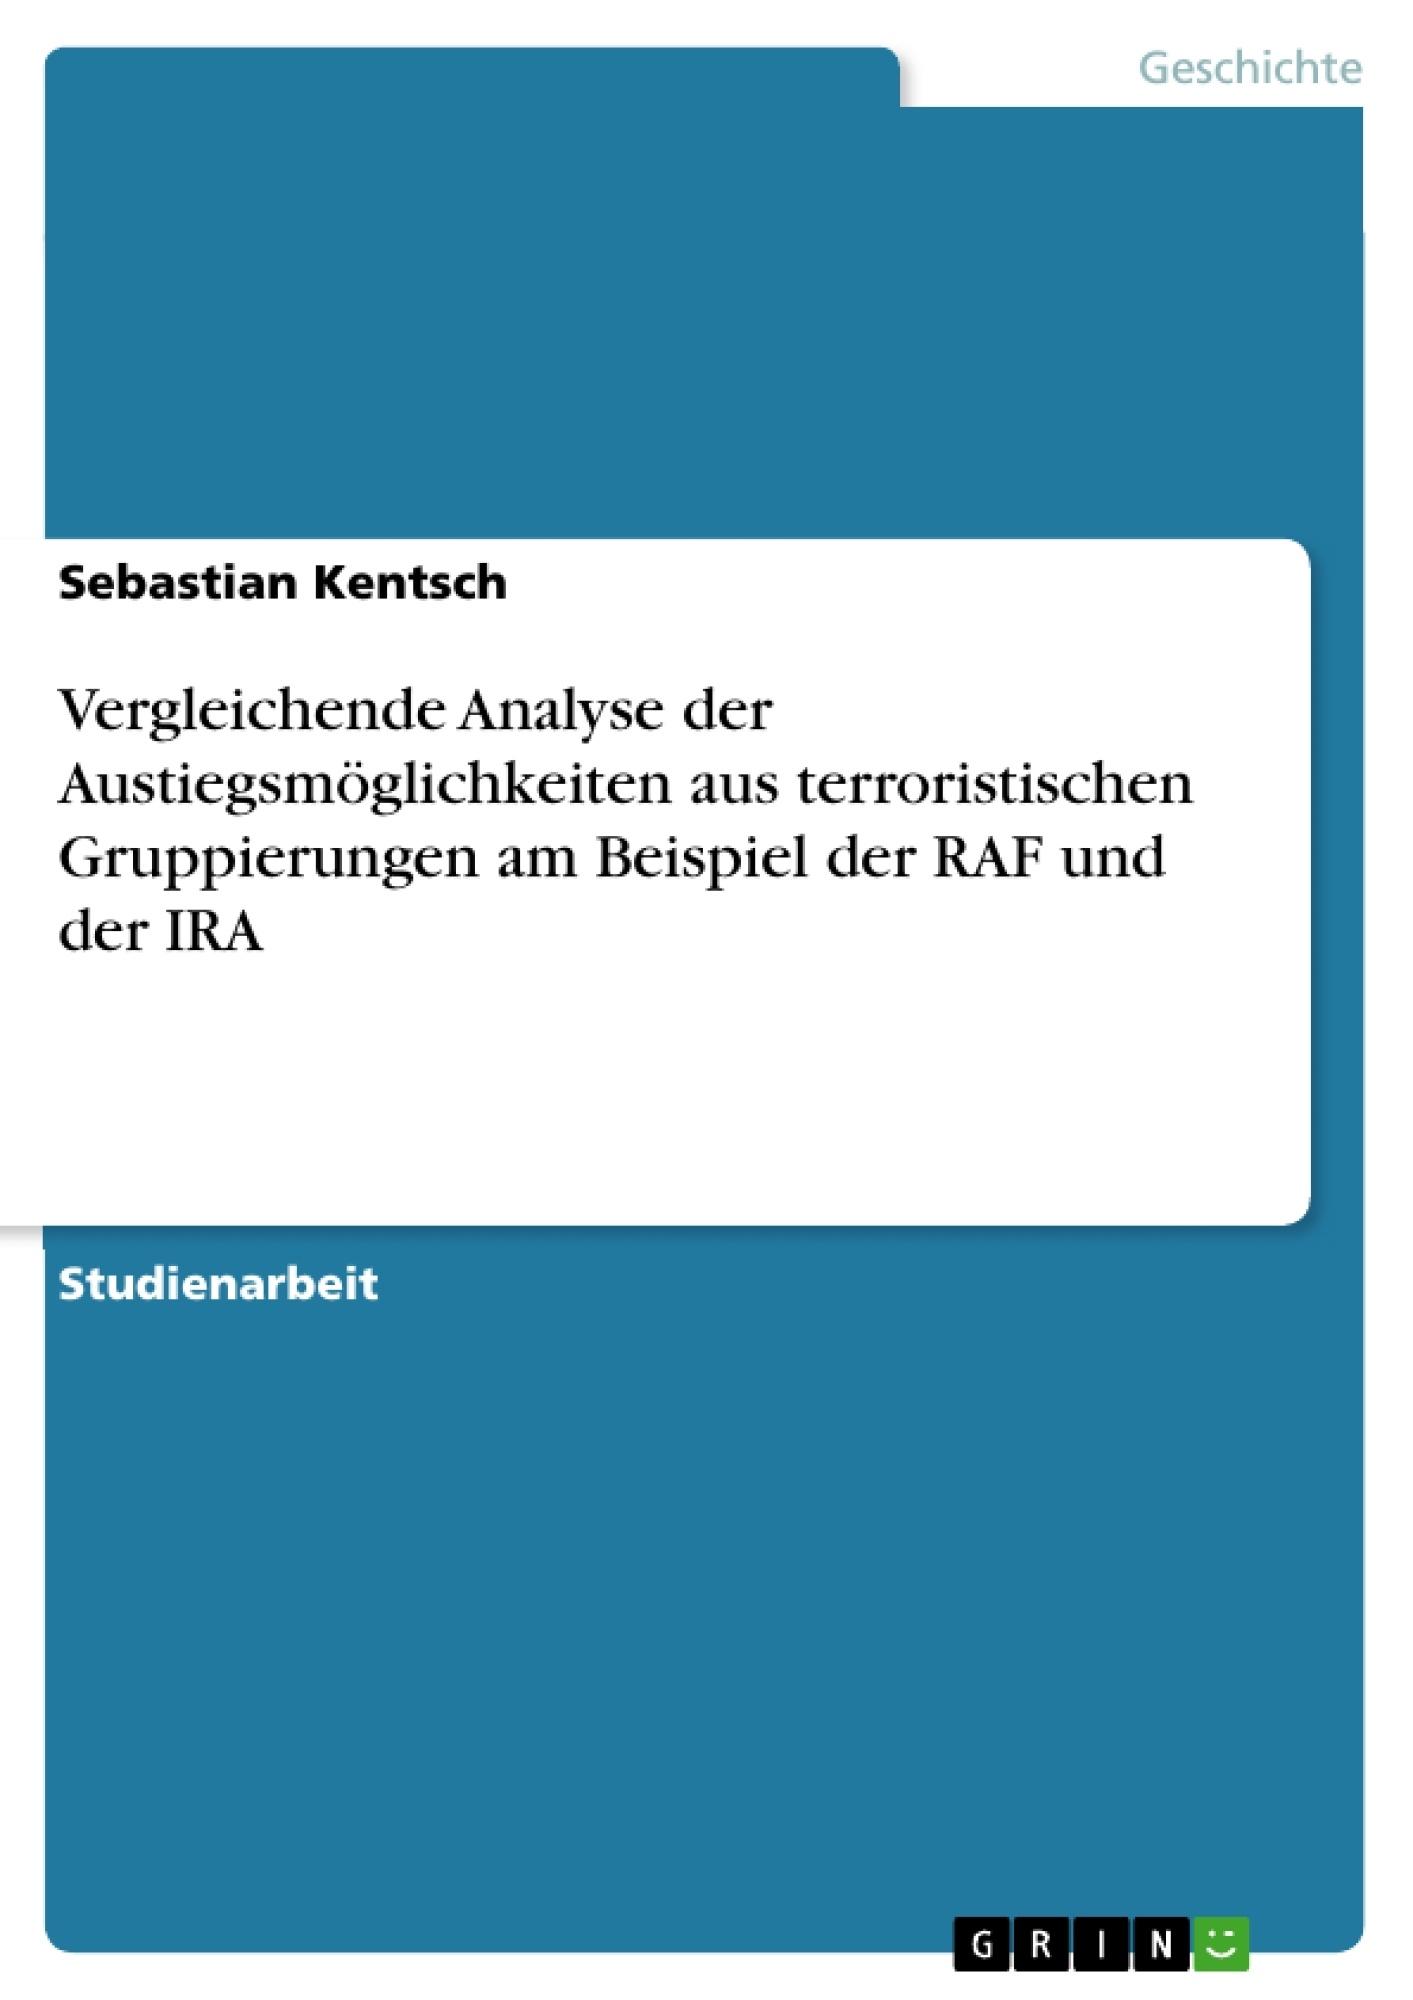 Titel: Vergleichende Analyse der Austiegsmöglichkeiten aus terroristischen Gruppierungen am Beispiel der RAF und der IRA